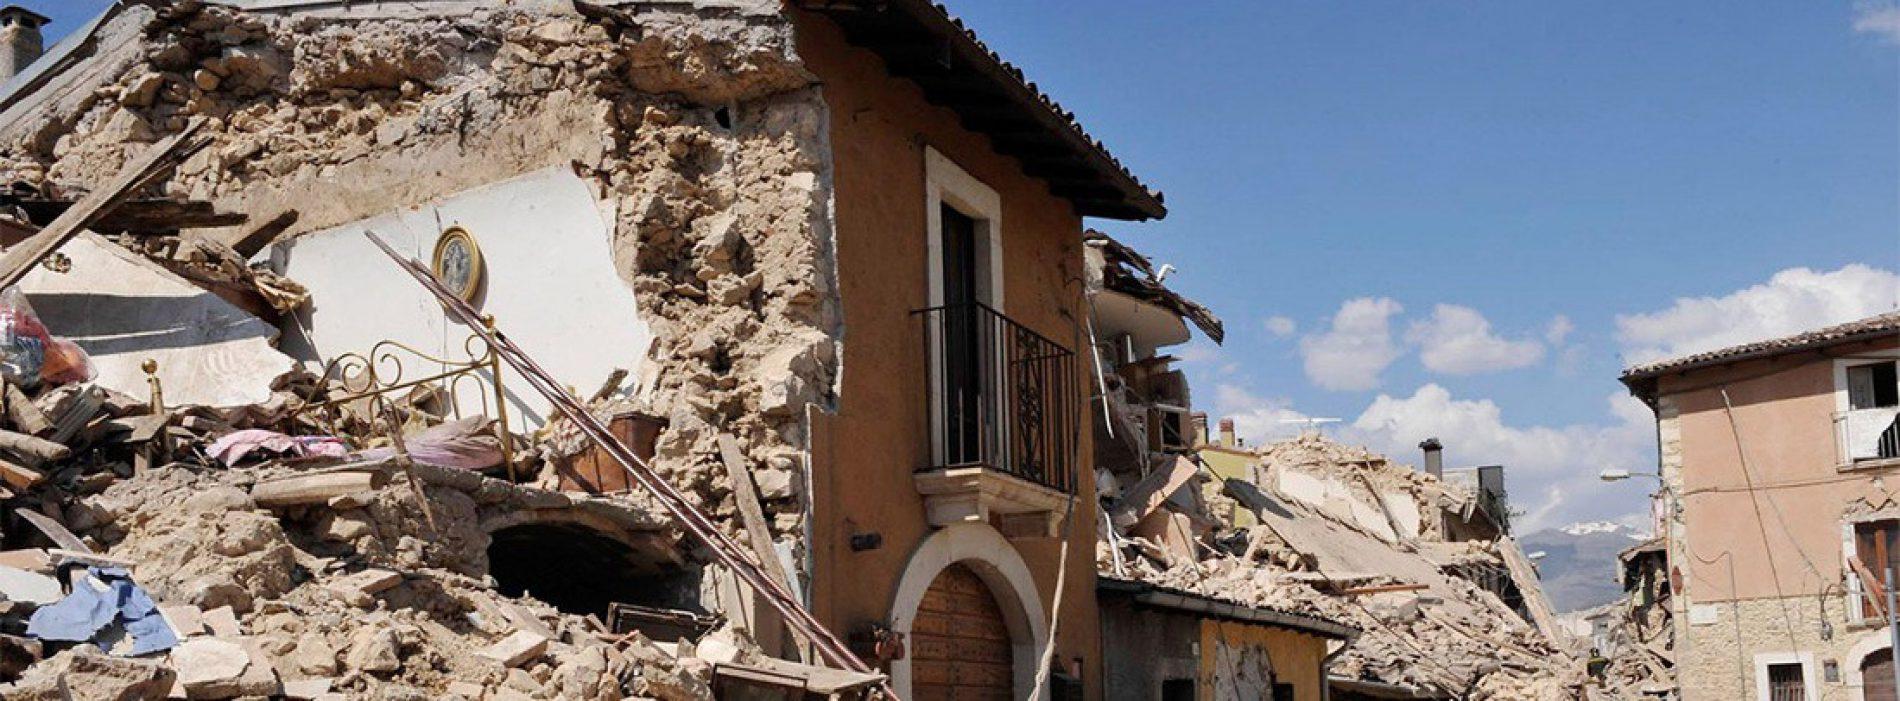 La protezione verifica gli edifici dopo il sisma: il 55% risultano non agibili